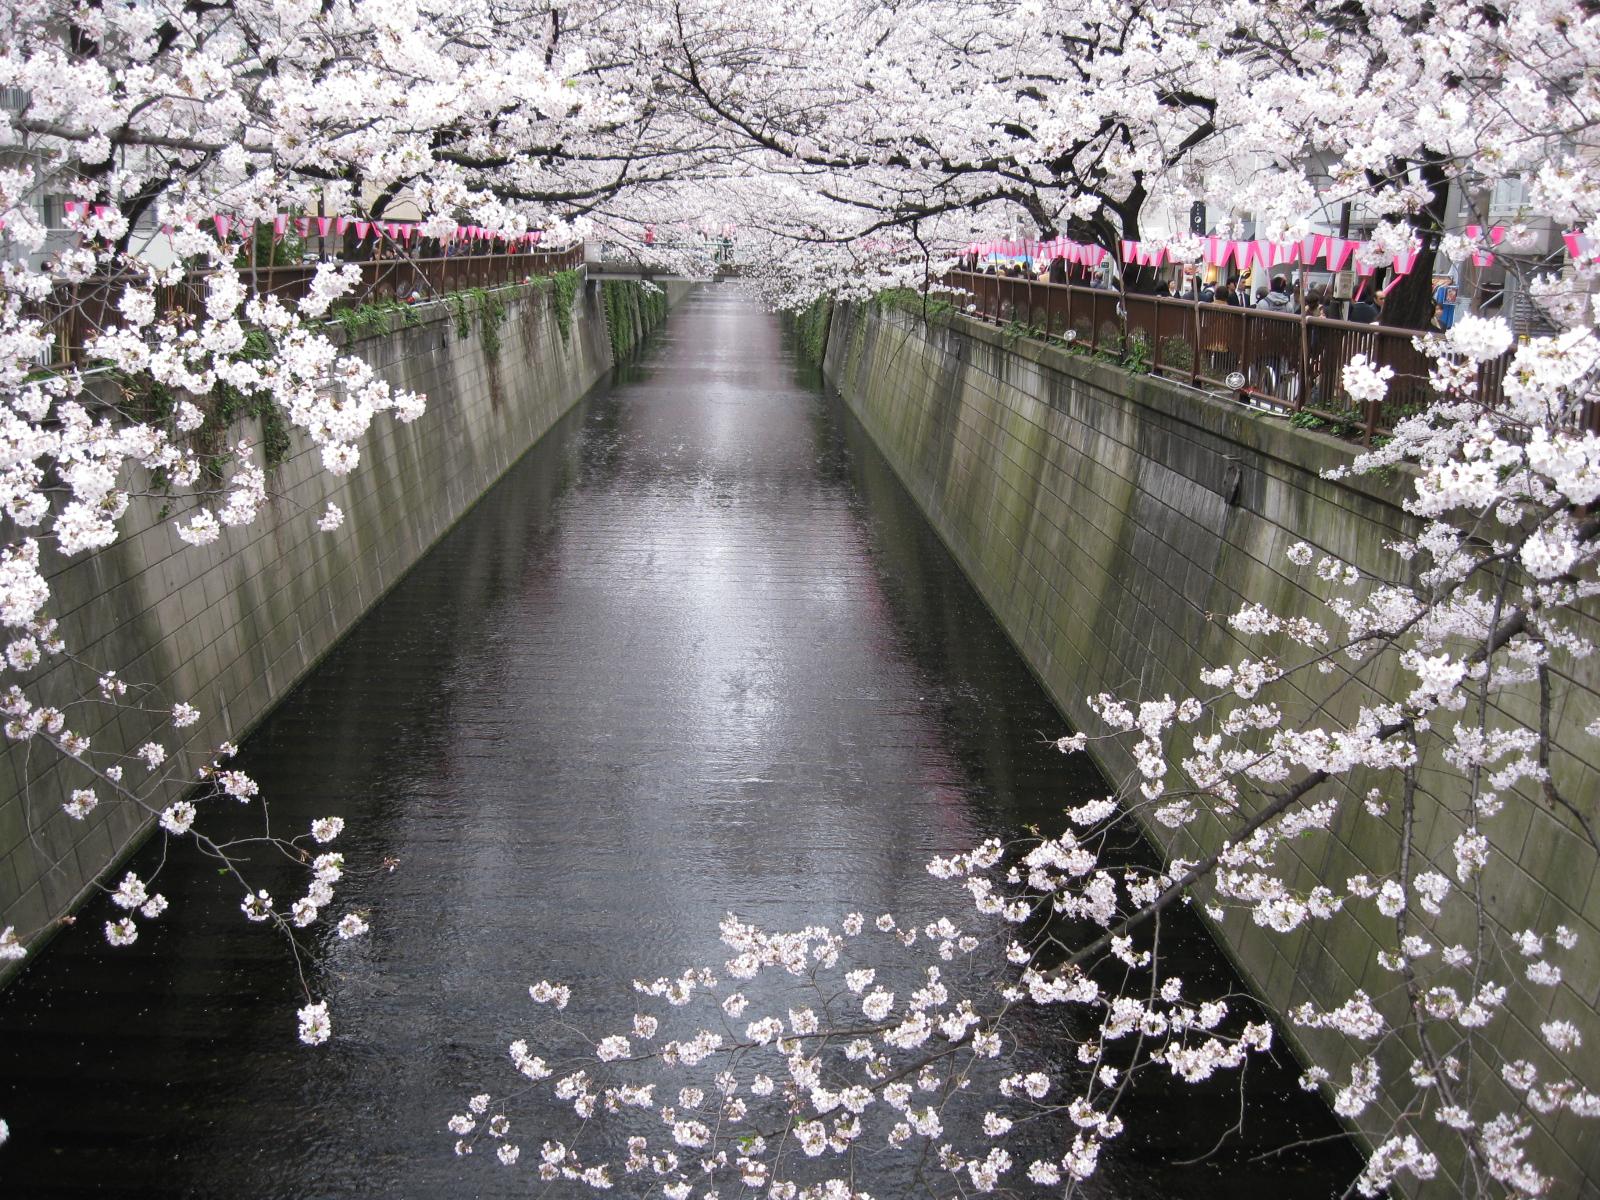 目黒川 花見 Meguro River Hanami